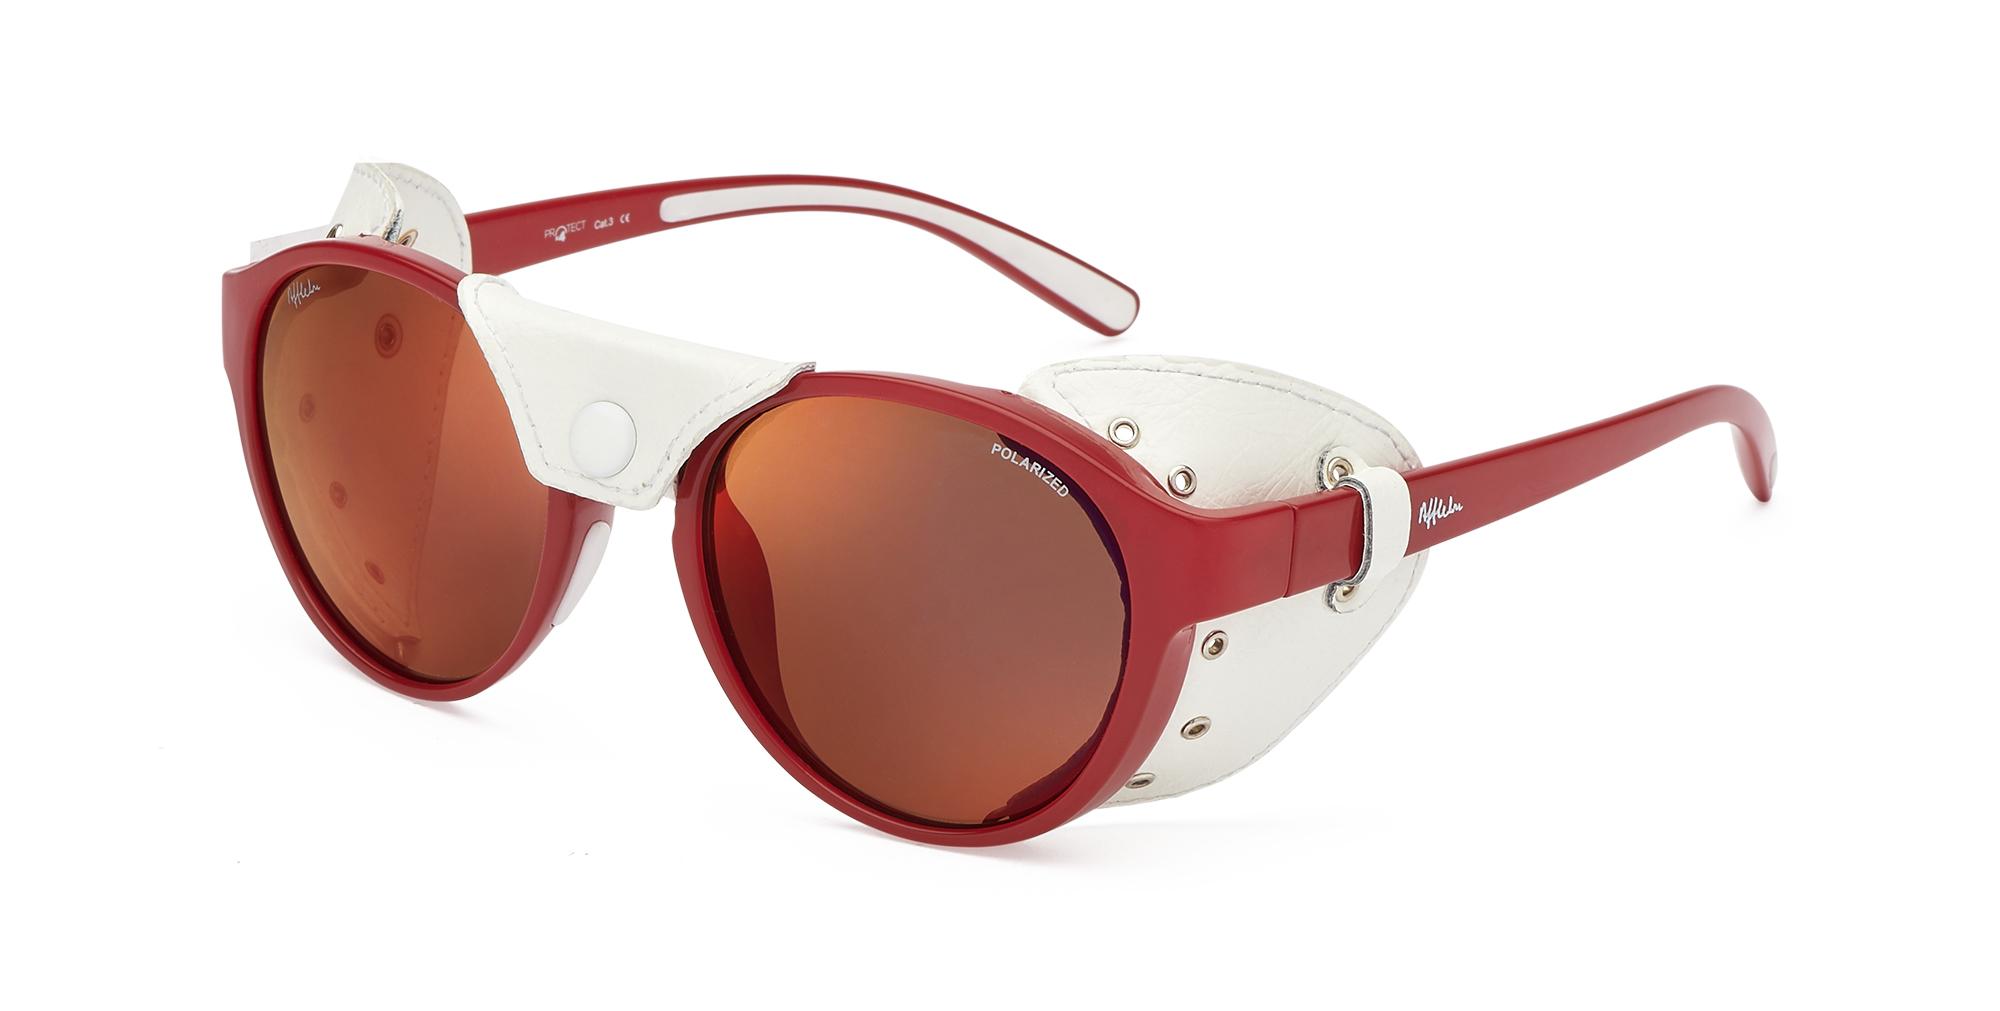 2b73f3438a Alain Afflelou presenta su gama de gafas para la nieve - Optimoda